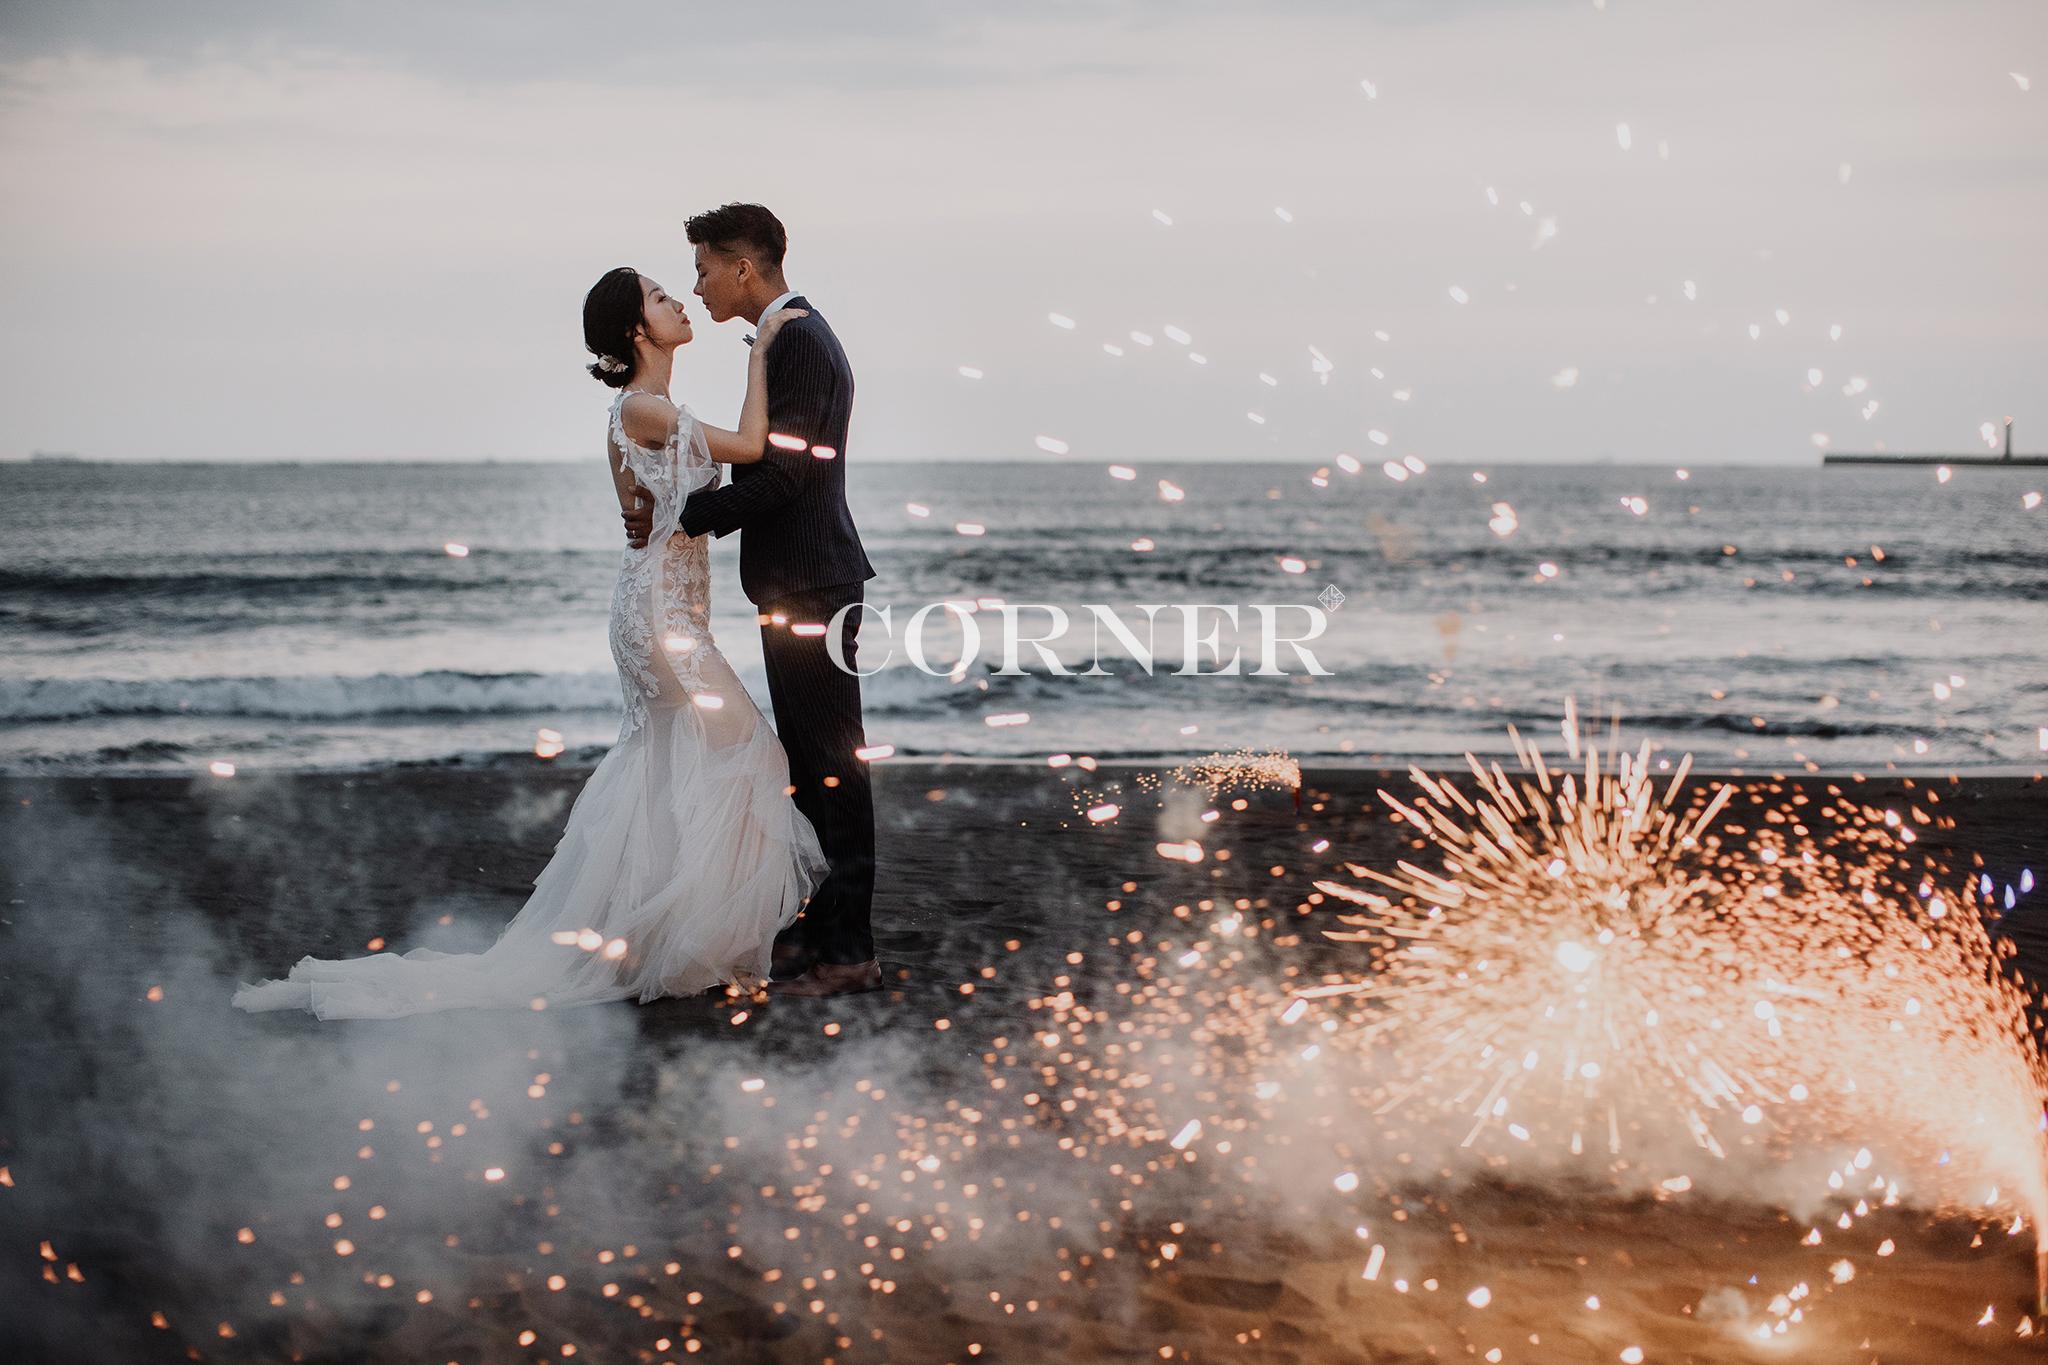 台南自助婚紗|刷爆朋友圈的煙花婚紗風格|inBl